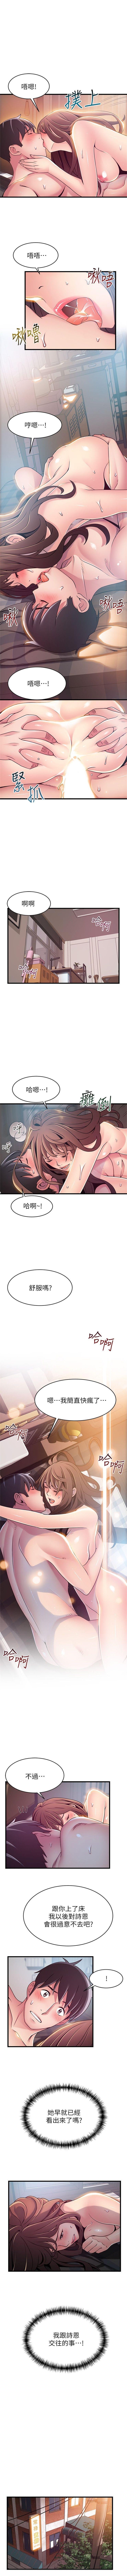 弱點 1-101 官方中文(連載中) 429